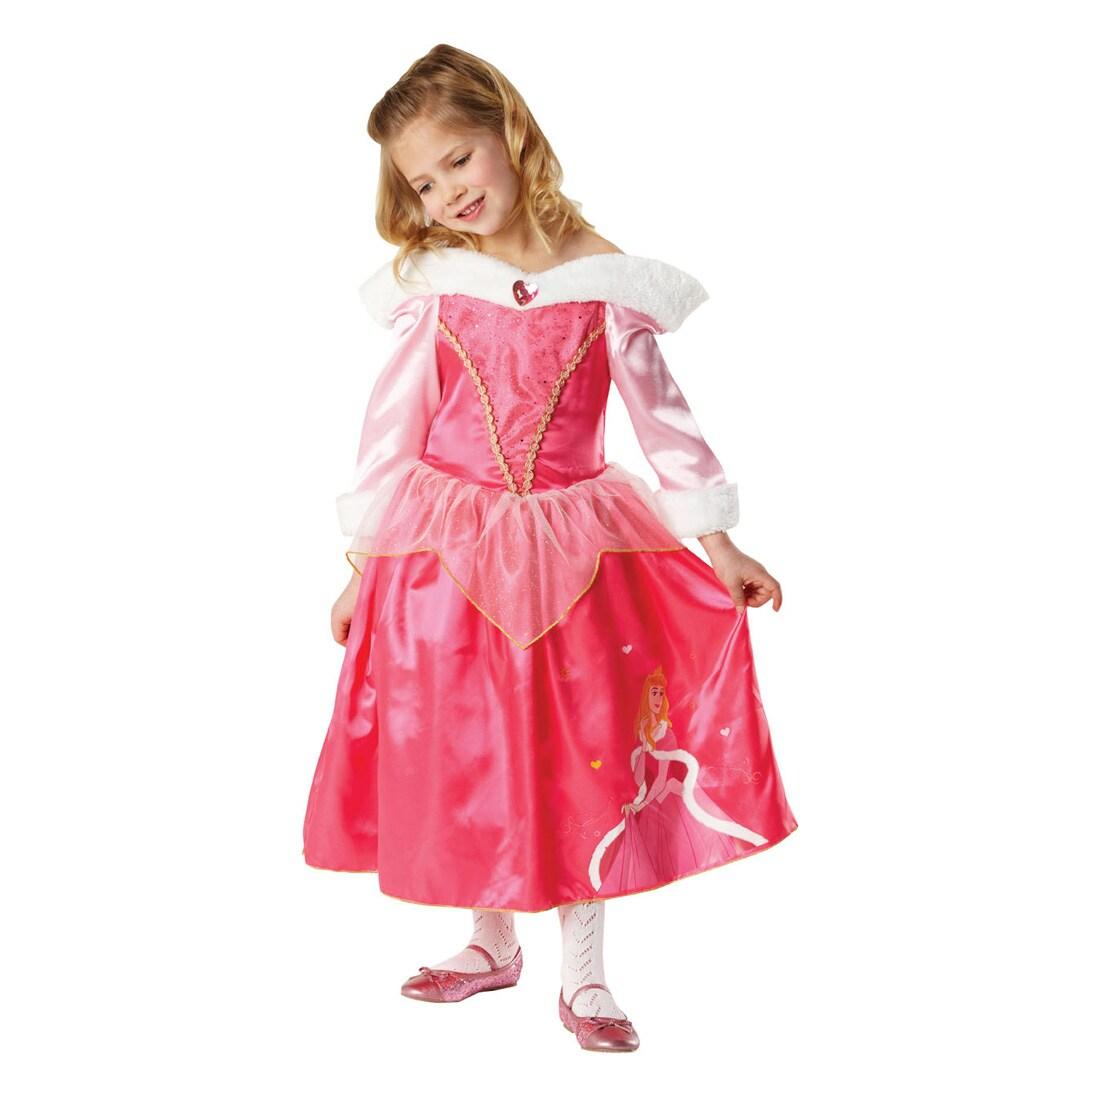 Disney´s Prinzessin Dornröschen Ballkleid Kostüm Krone pink rosa 116-122-128